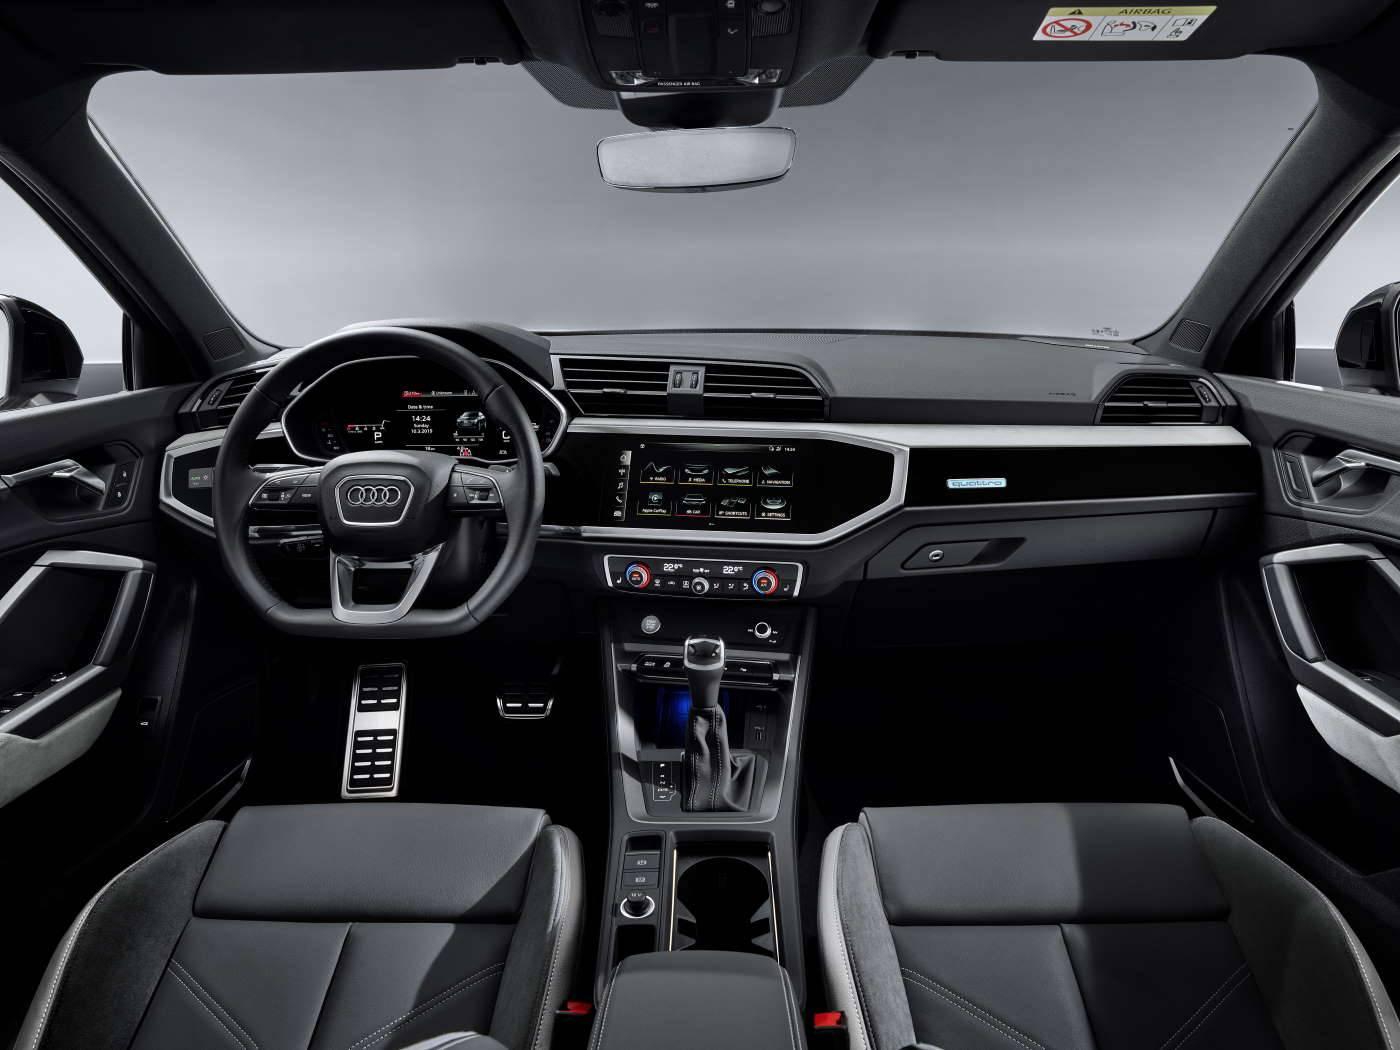 Nouvelle Audi Q3 Sportback 2019 siège avant consol